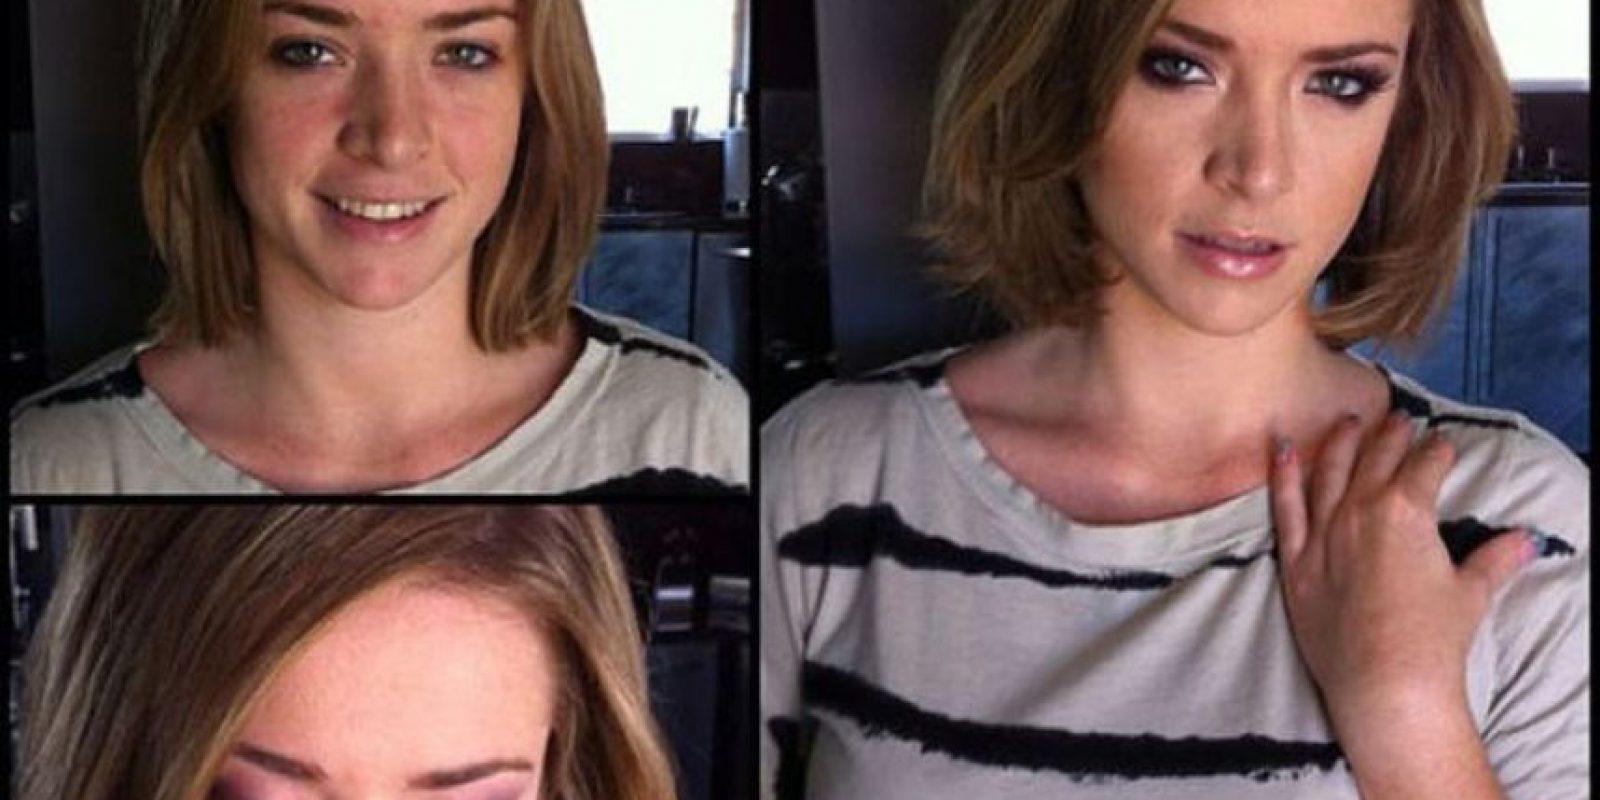 Actriz Porno Sierra Sanders fotos: actrices porno, antes y después del maquillaje